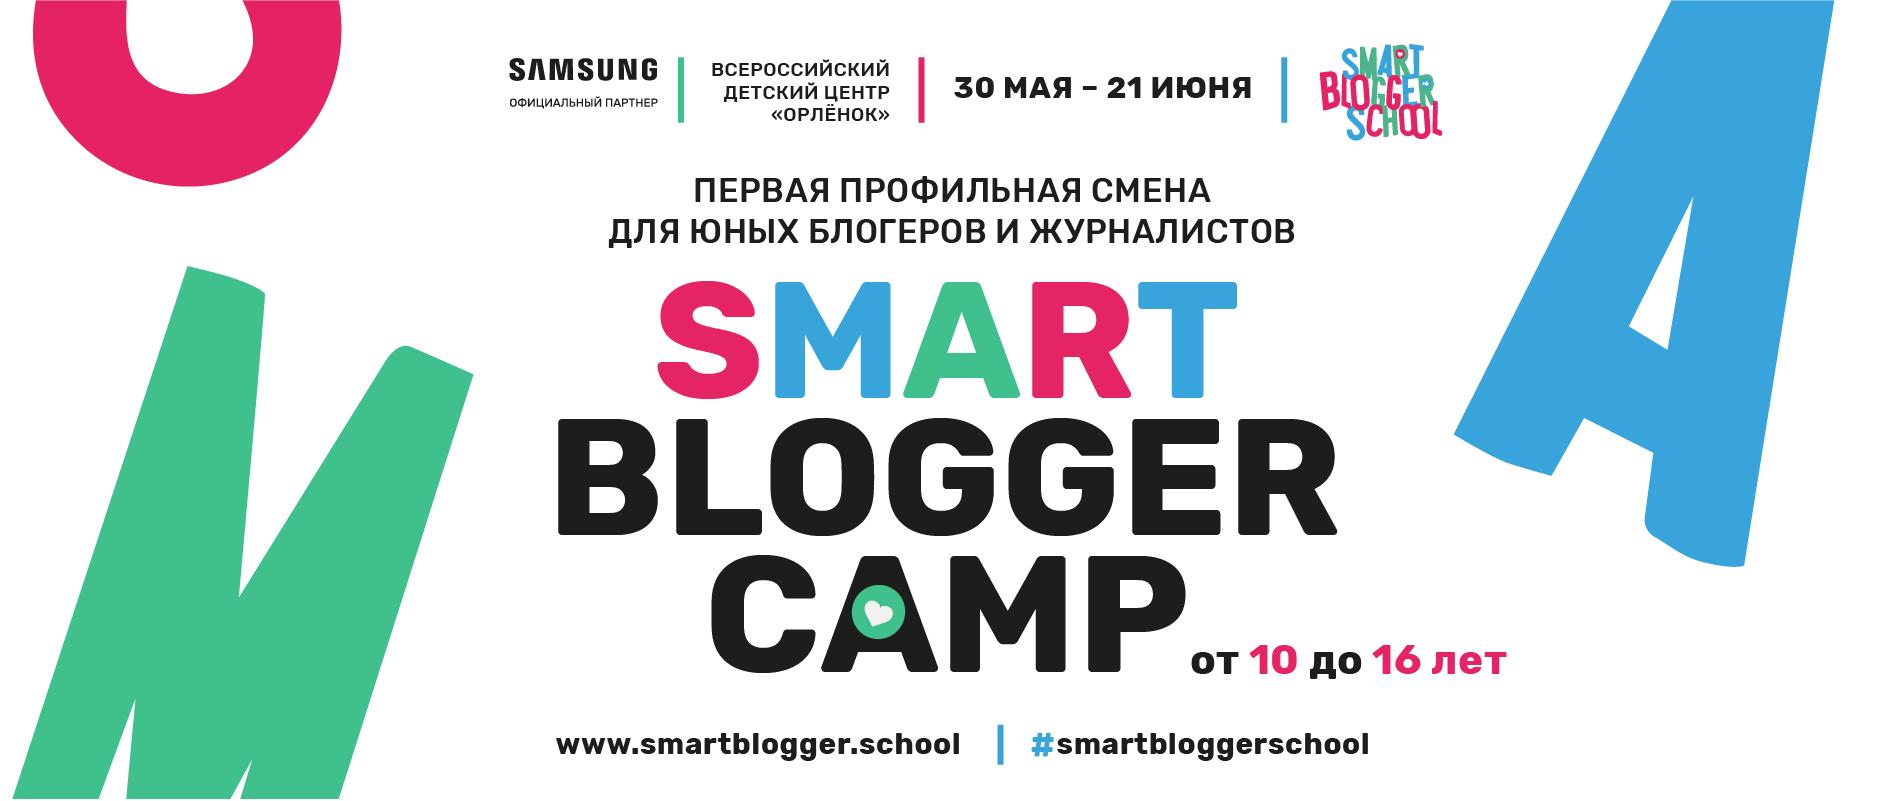 Samsung стала официальным партнером SMART BLOGGER CAMP